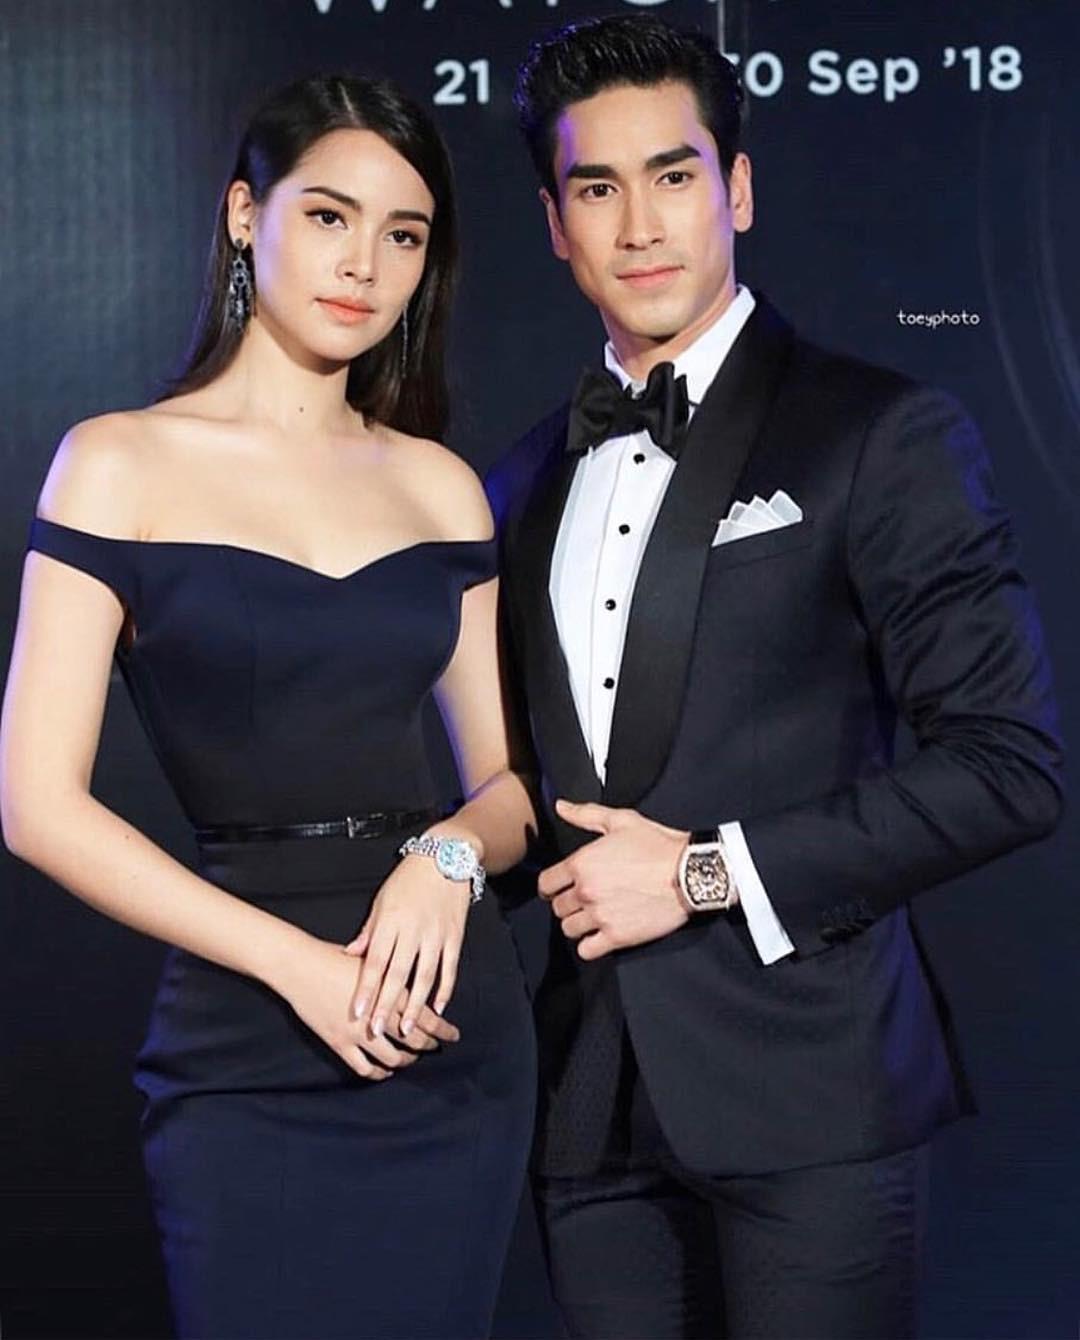 Dàn sao seri phim hoành tráng nhất Thái Lan sau 8 năm: Nam nữ chính nên duyên, đồng loạt đổi đời thành sao hạng A - Ảnh 4.